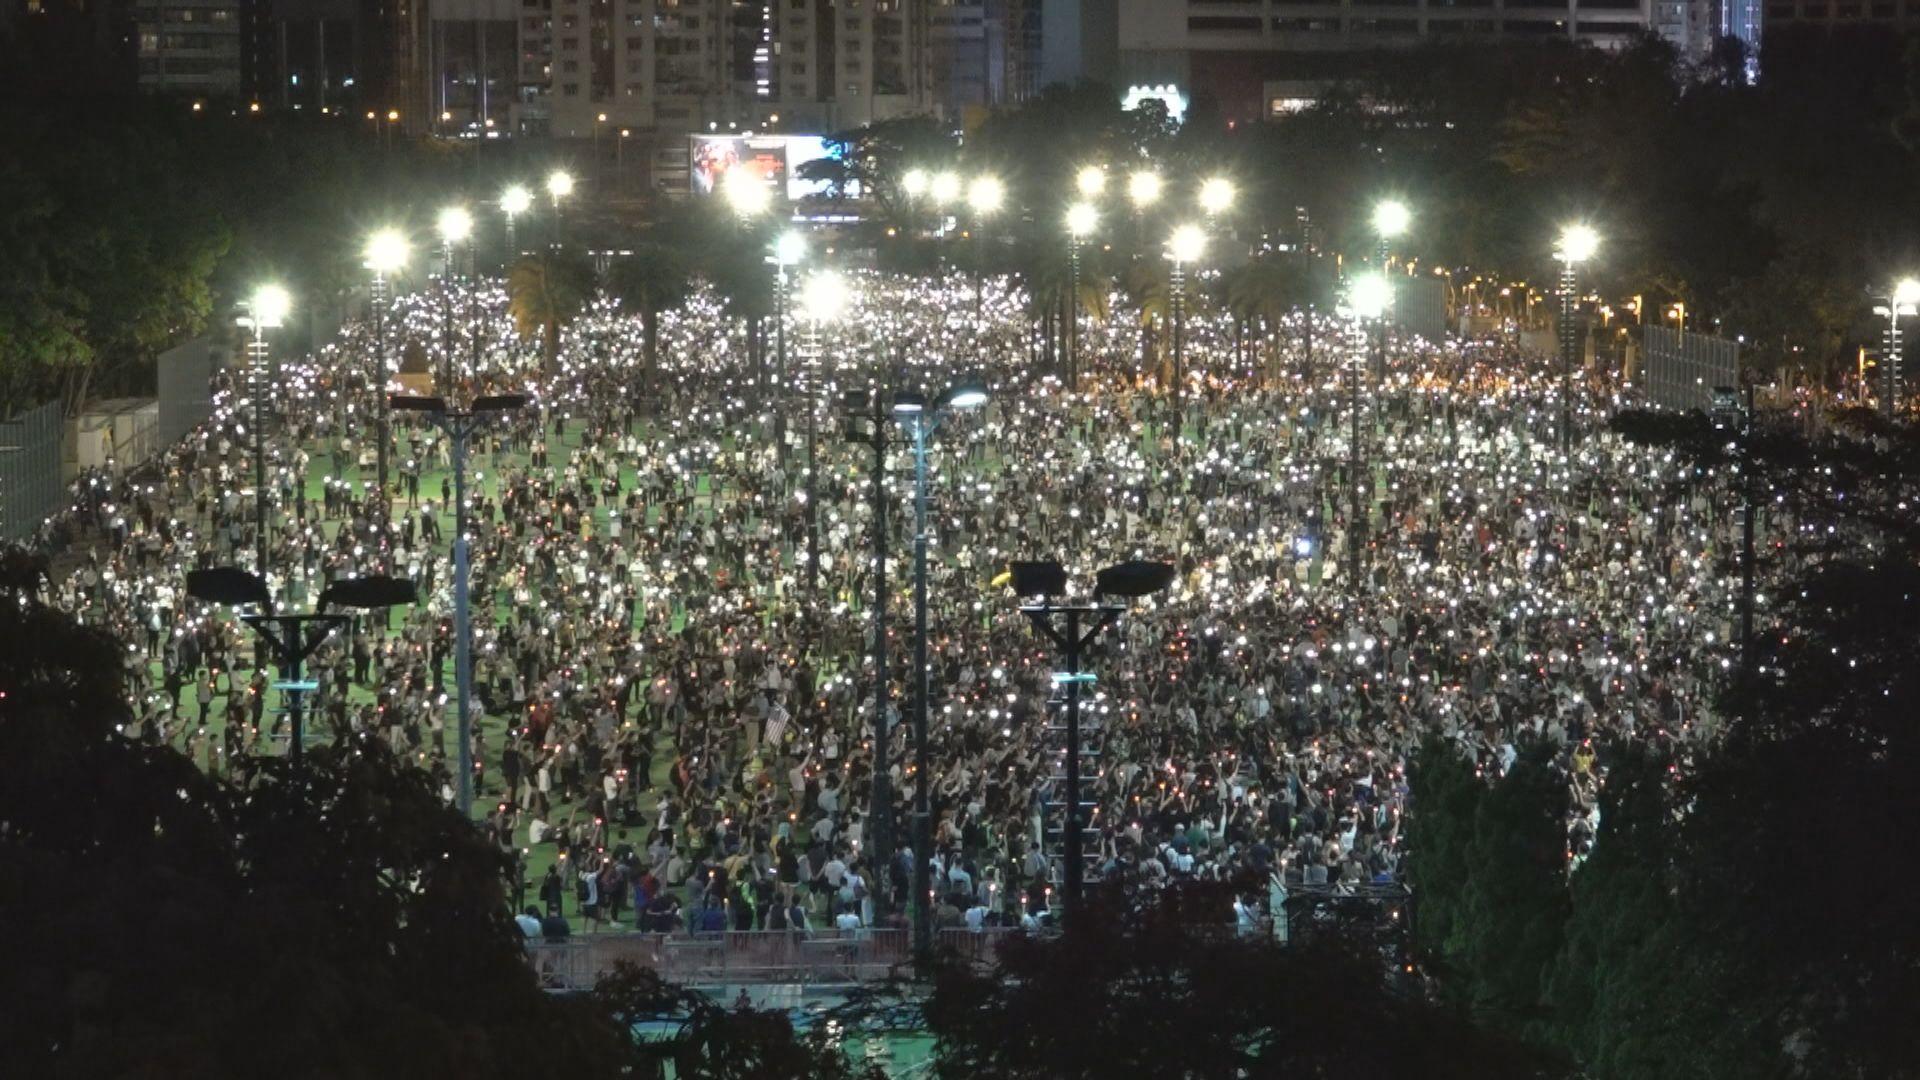 六四禁辦遊行集會 支聯會:今年不會組織宣傳維園集會